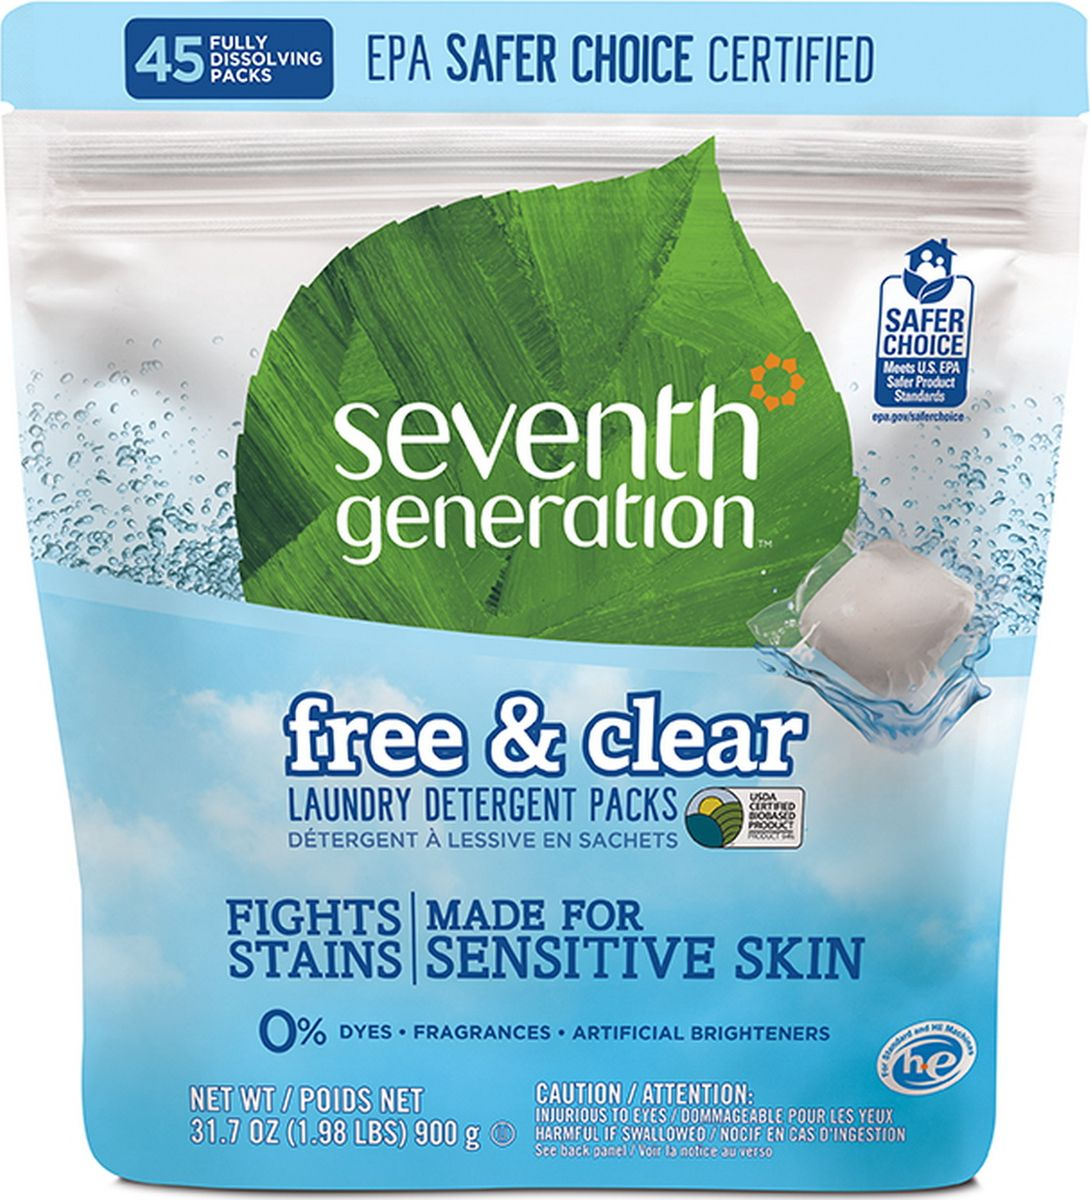 Капсулы для стирки Seventh Generation, без запаха, 900 г, 45 шт22977Натуральный стиральный порошок Seventh Generation в капсулах БЕЗ ЗАПАХА 900 грамм (45 шт)